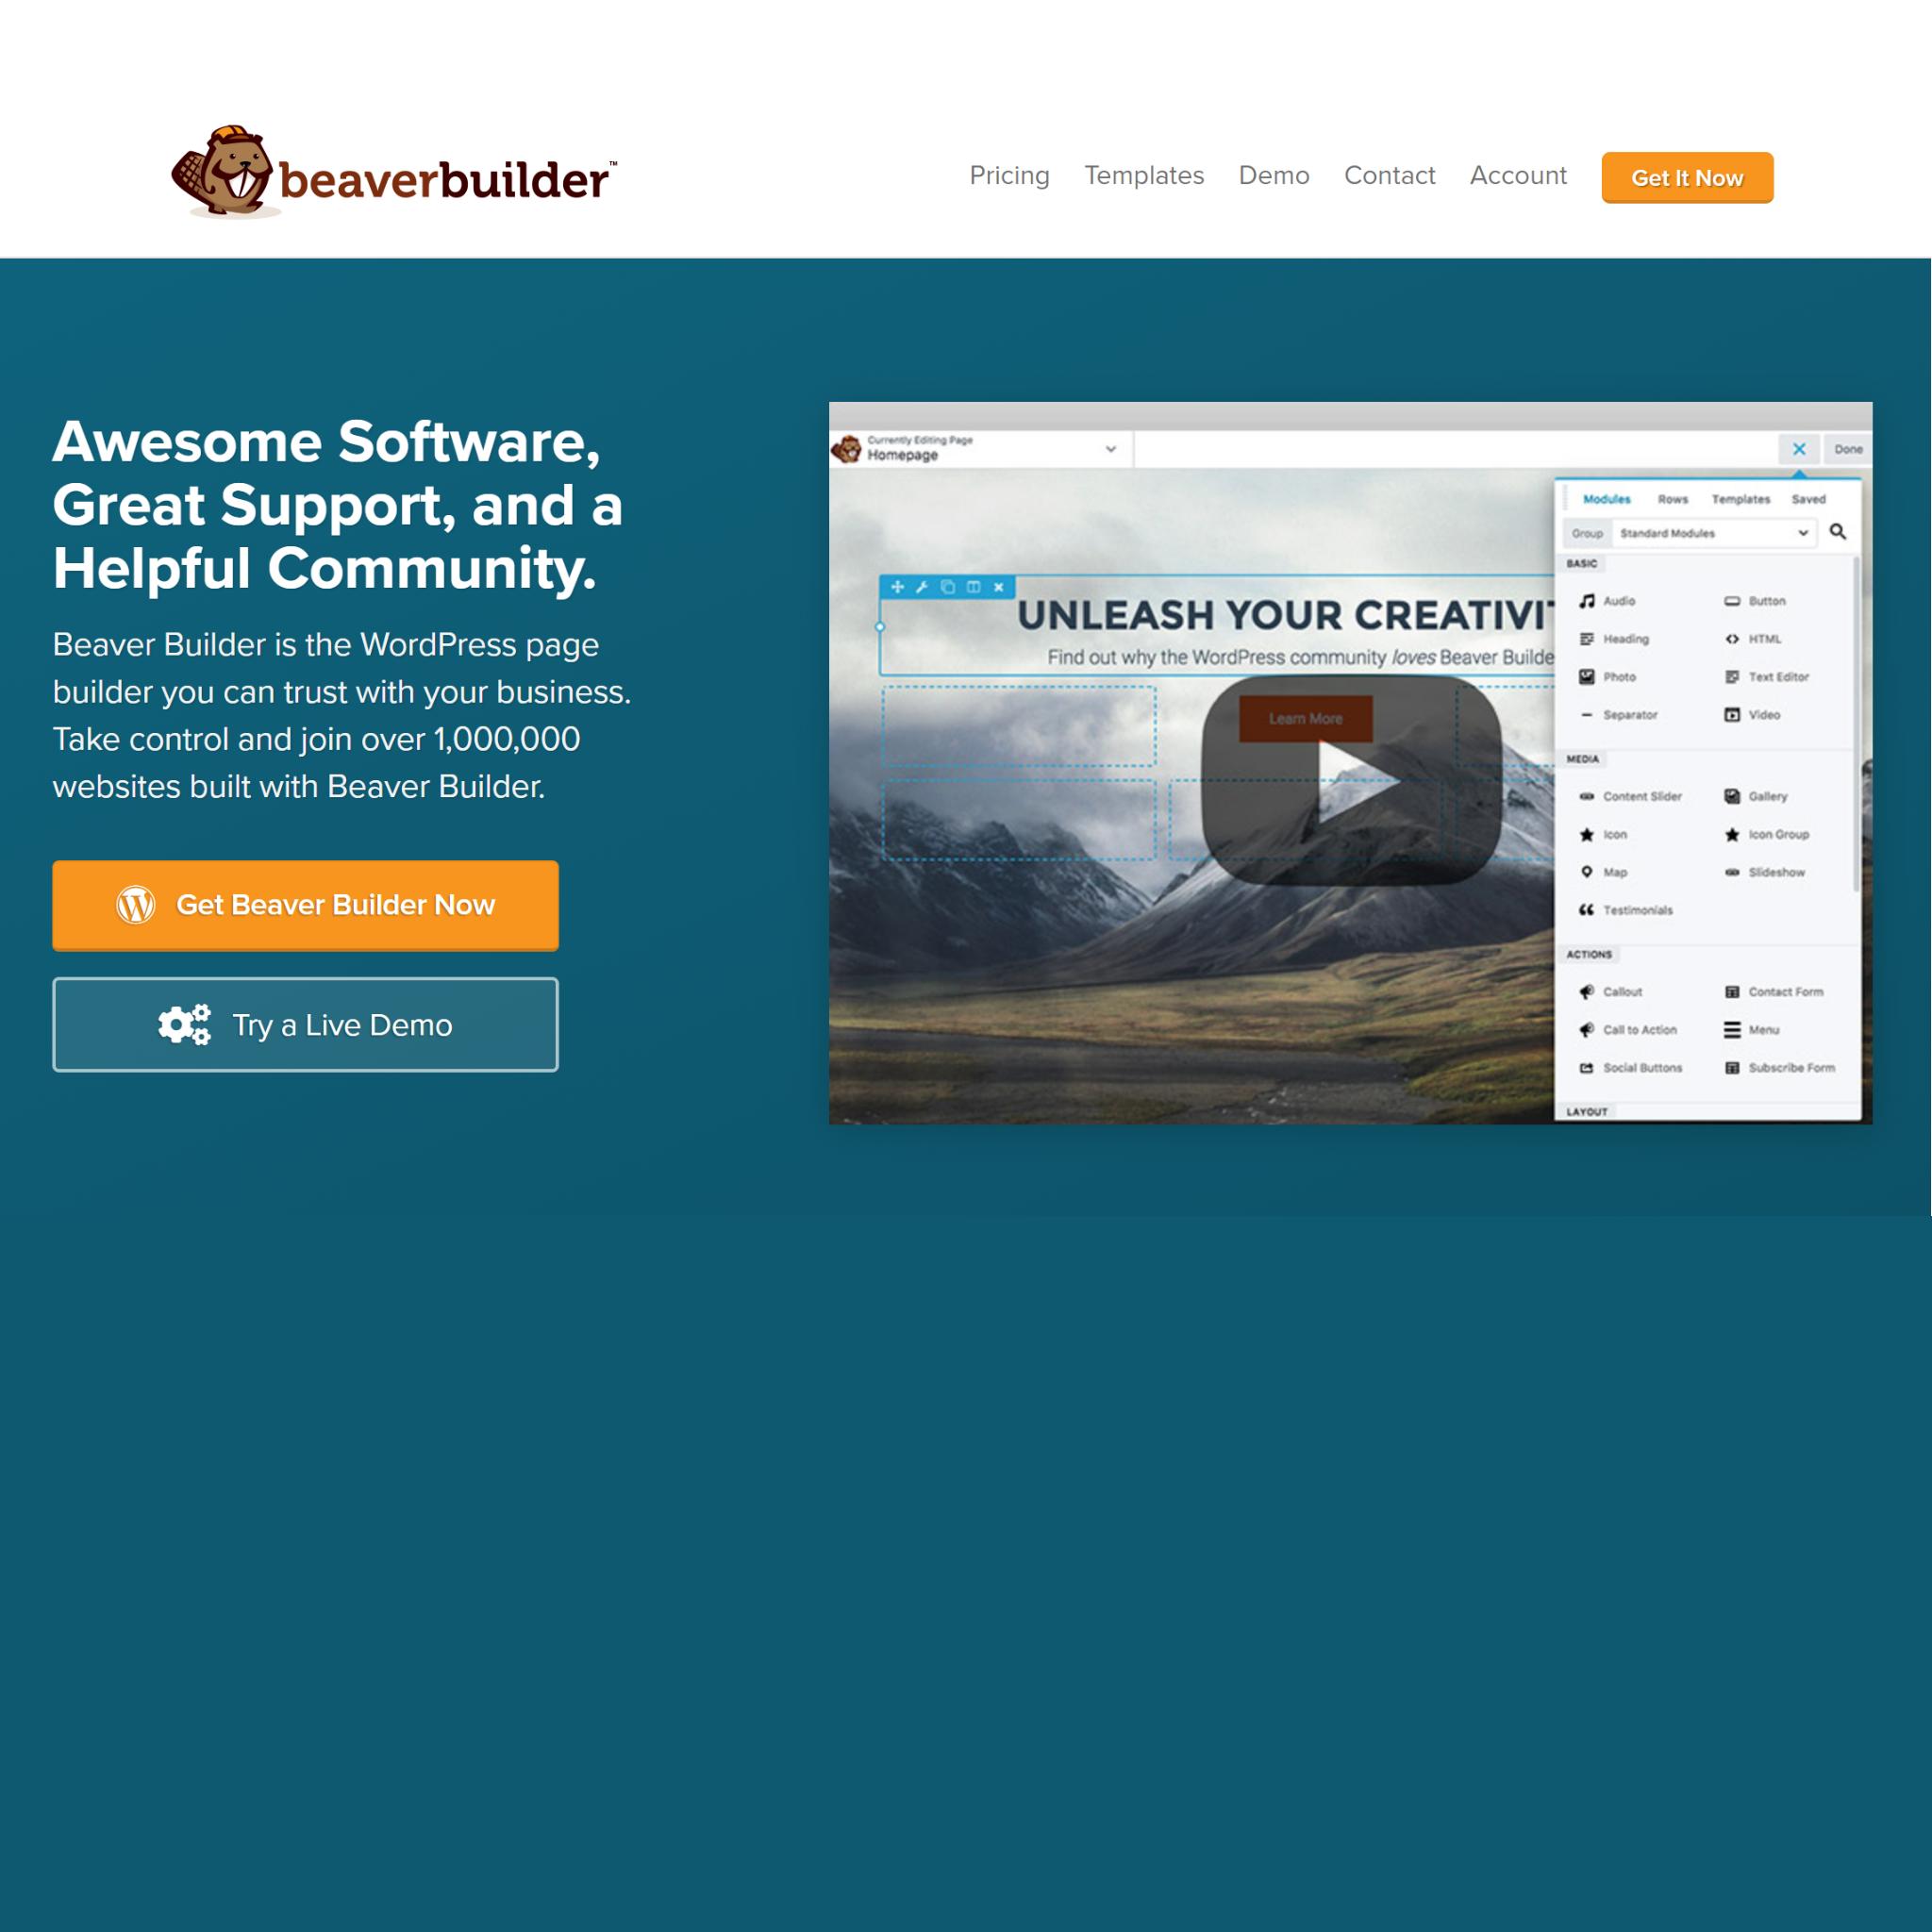 beaverbuilder-page